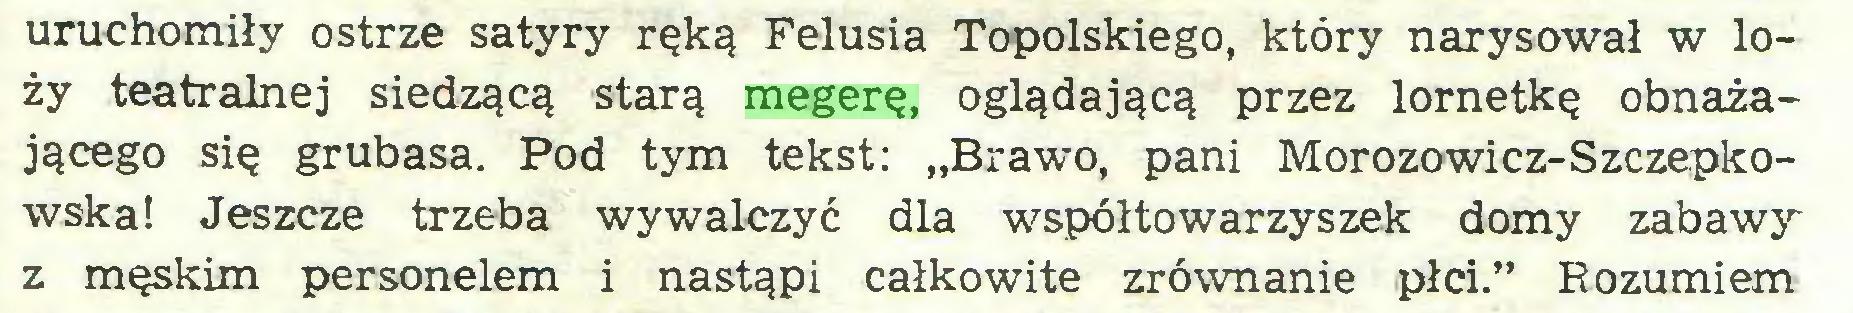 """(...) uruchomiły ostrze satyry ręką Felusia Topolskiego, który narysował w loży teatralnej siedzącą starą megerę, oglądającą przez lornetkę obnażającego się grubasa. Pod tym tekst: """"Brawo, pani Morozowicz-Szczepkowska! Jeszcze trzeba wywalczyć dla współtowarzyszek domy zabawy z męskim personelem i nastąpi całkowite zrównanie płci."""" Rozumiem..."""